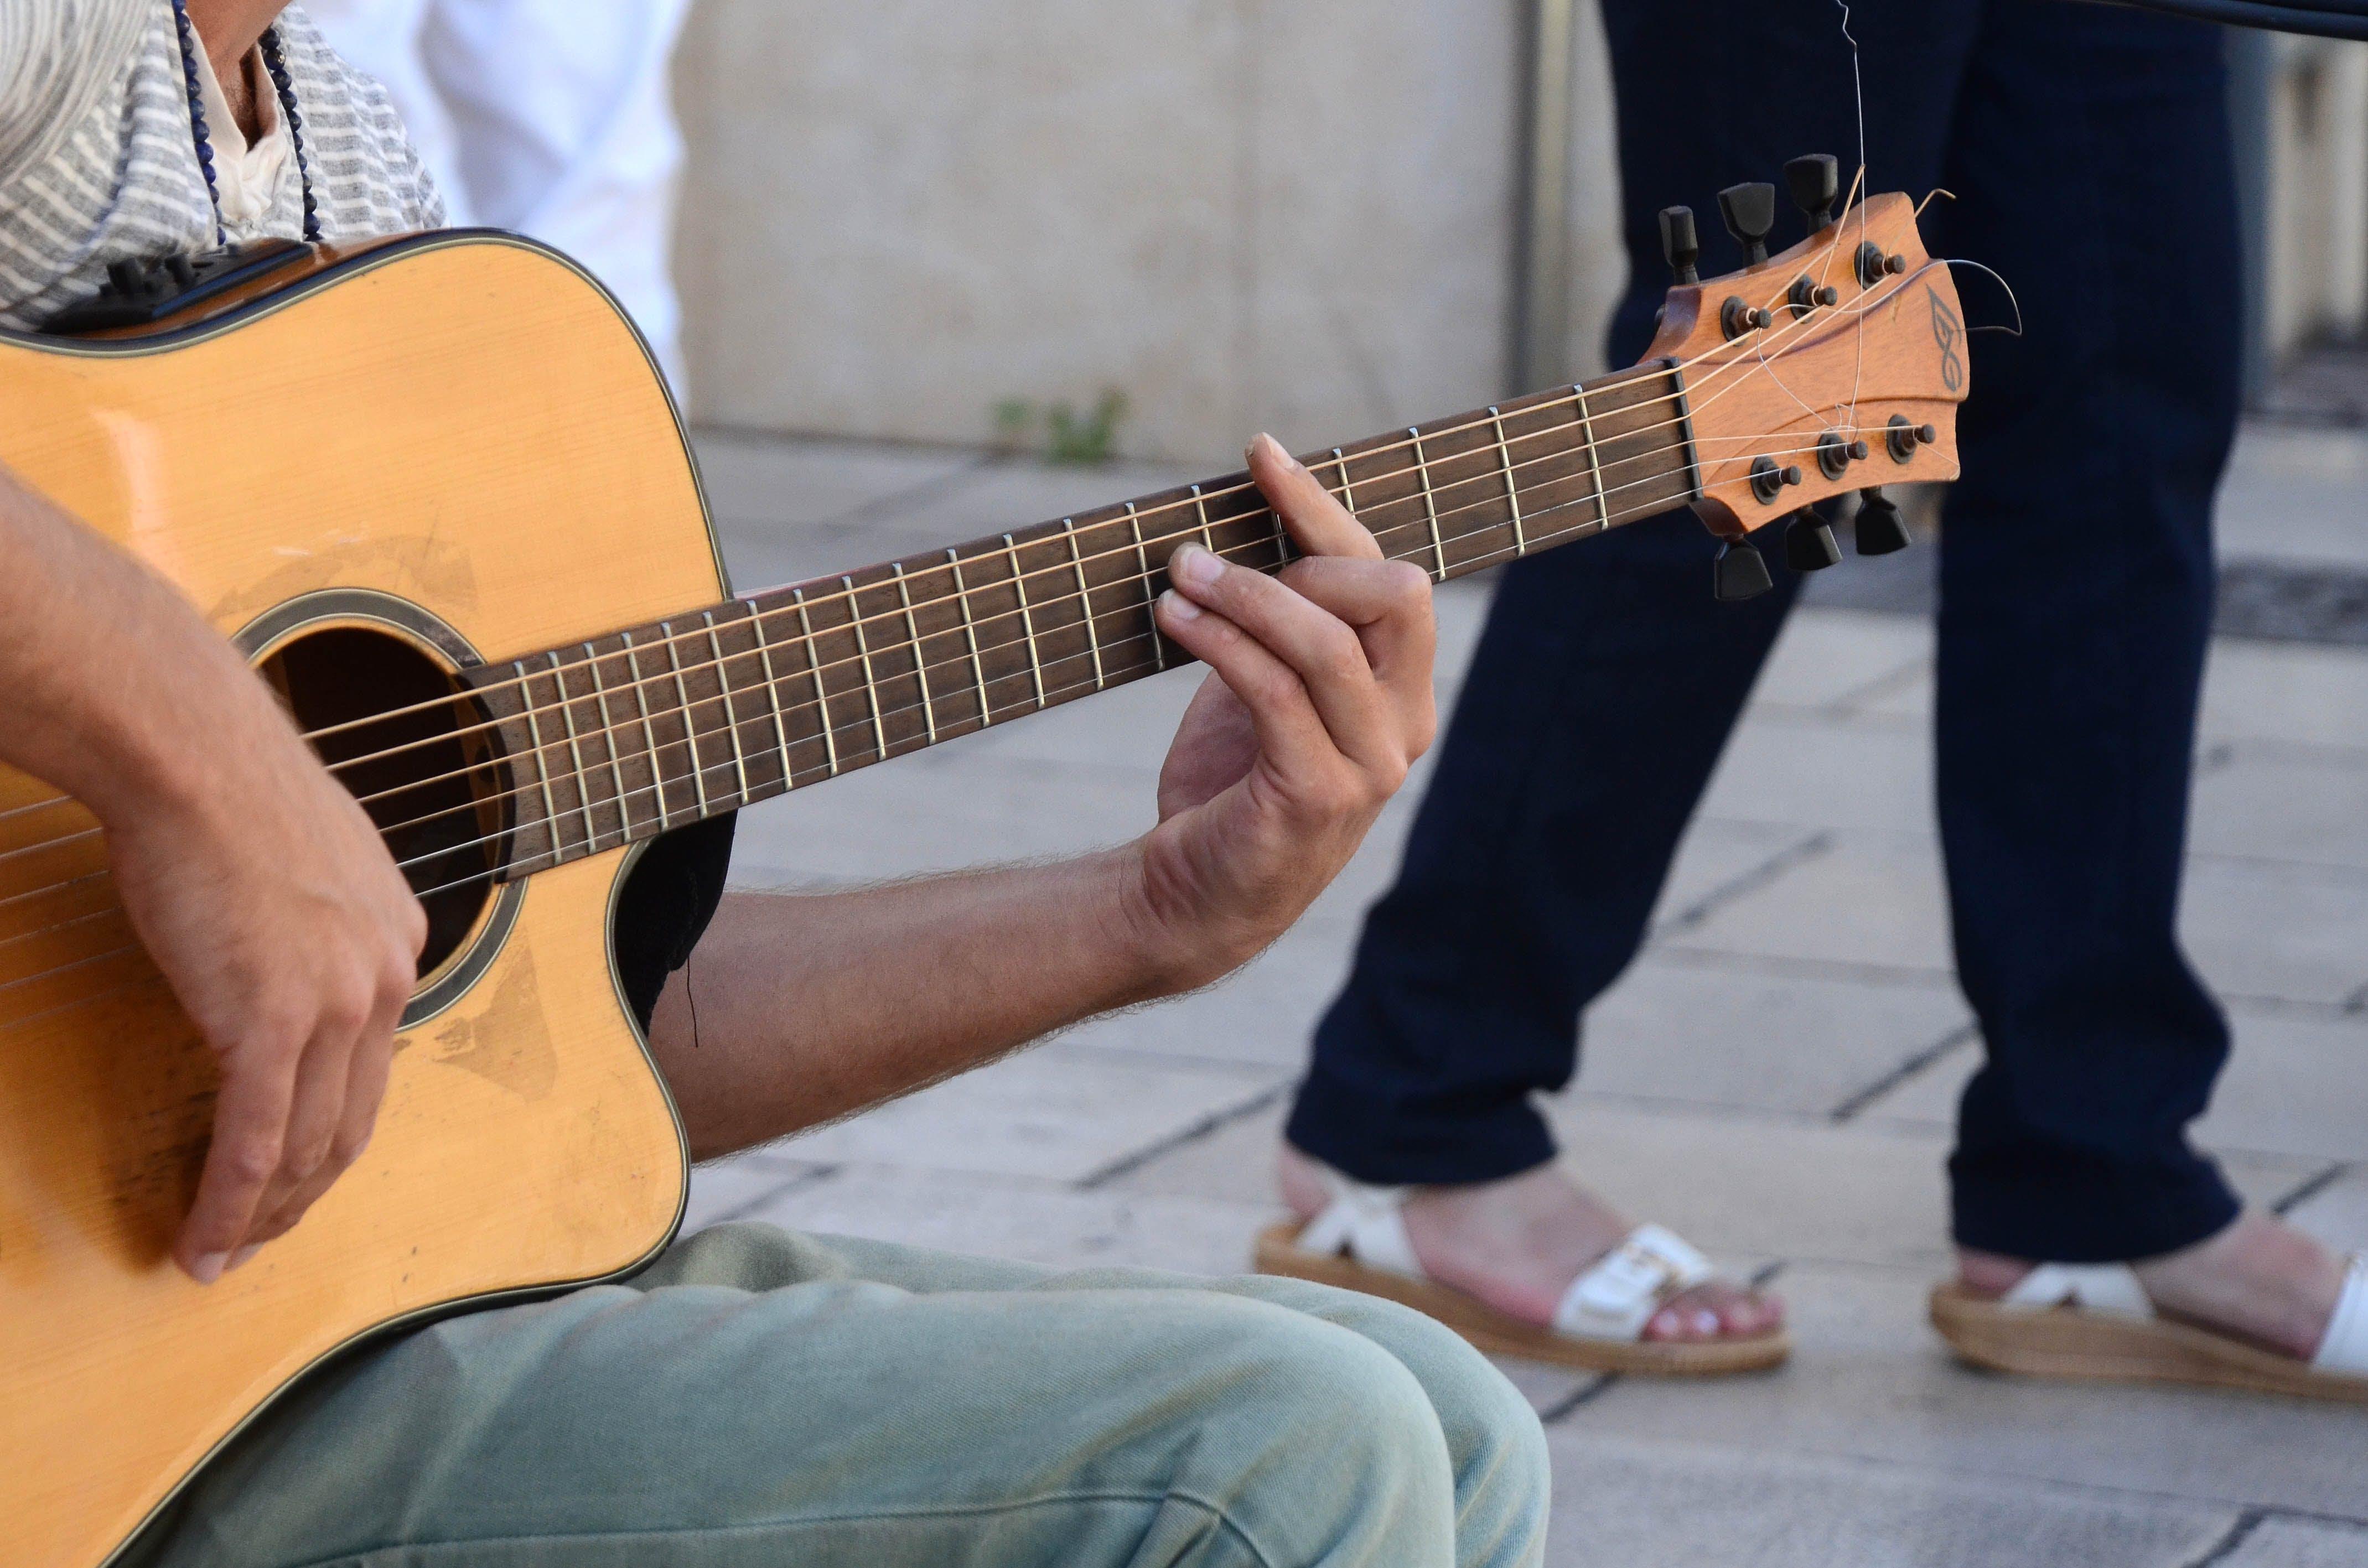 Gratis arkivbilde med gitar, gitarist, musiker, musikkinstrument